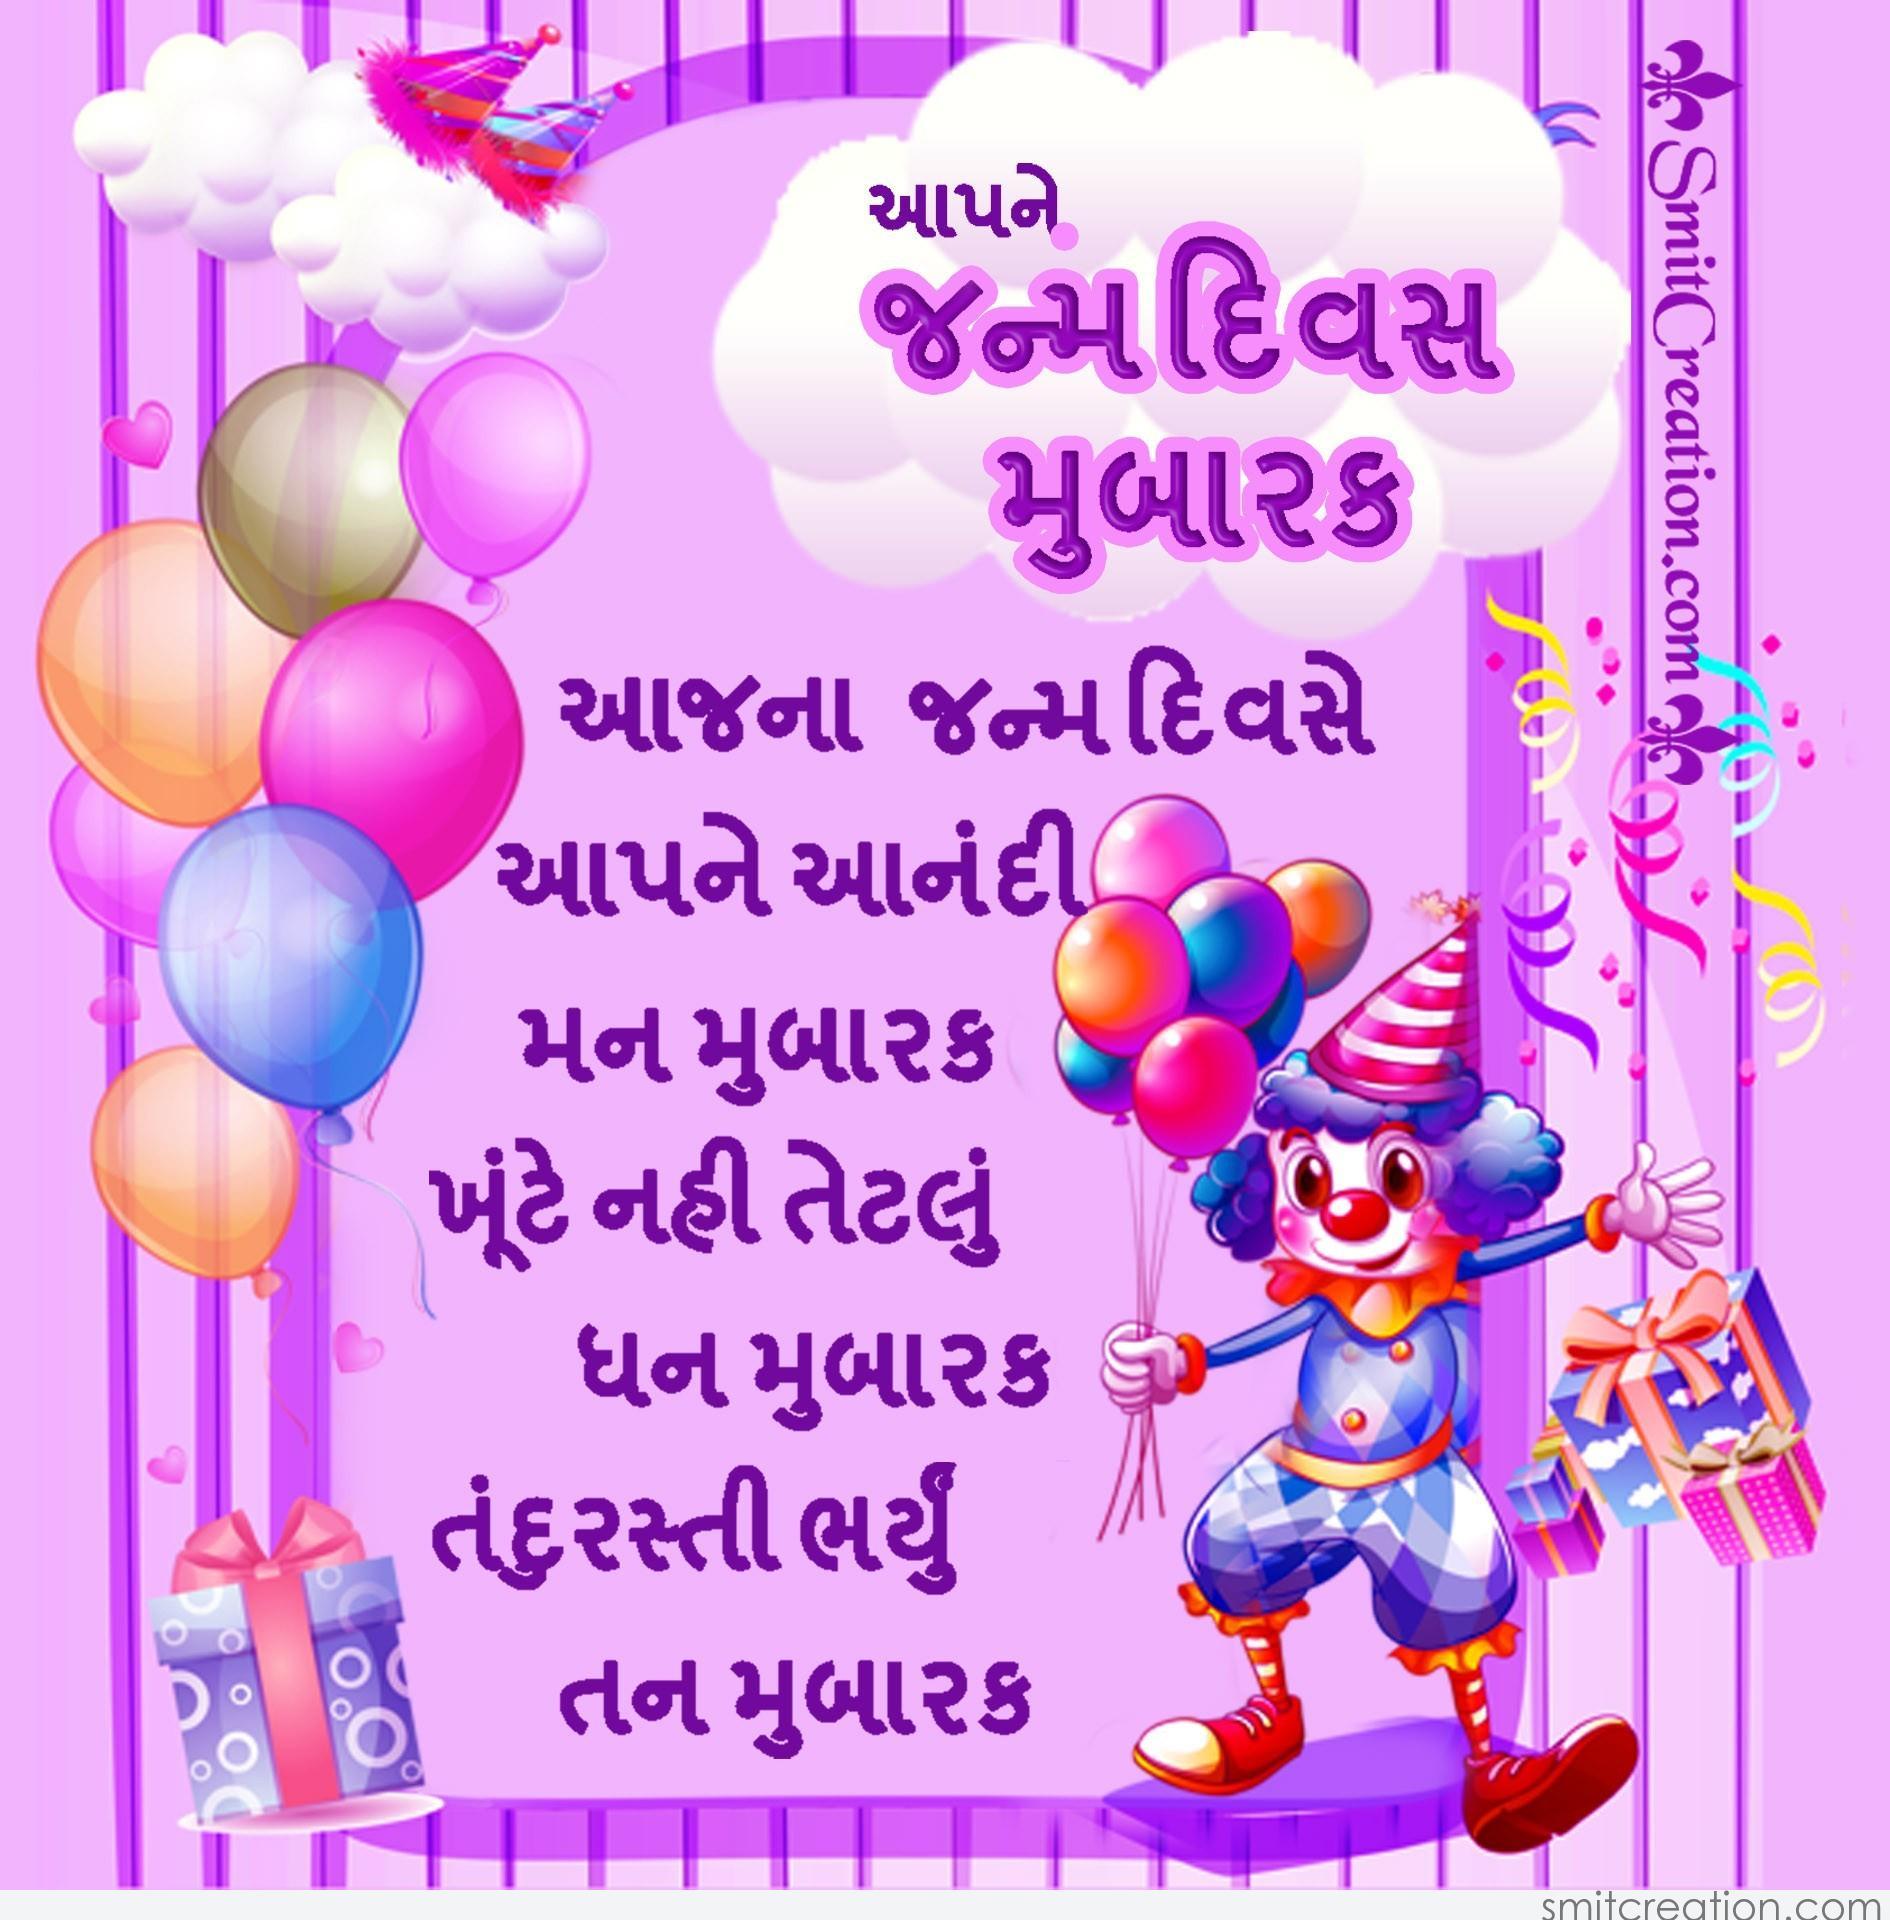 Happy Birthday To Walkonby Jan 30: Birthday Wishes In Gujarati